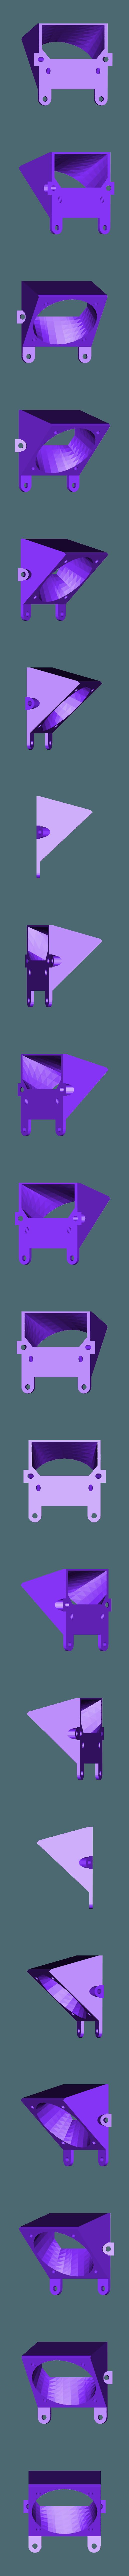 ventil.stl Télécharger fichier STL gratuit E3D sur DAVINCI AIO • Objet pour imprimante 3D, bricodx